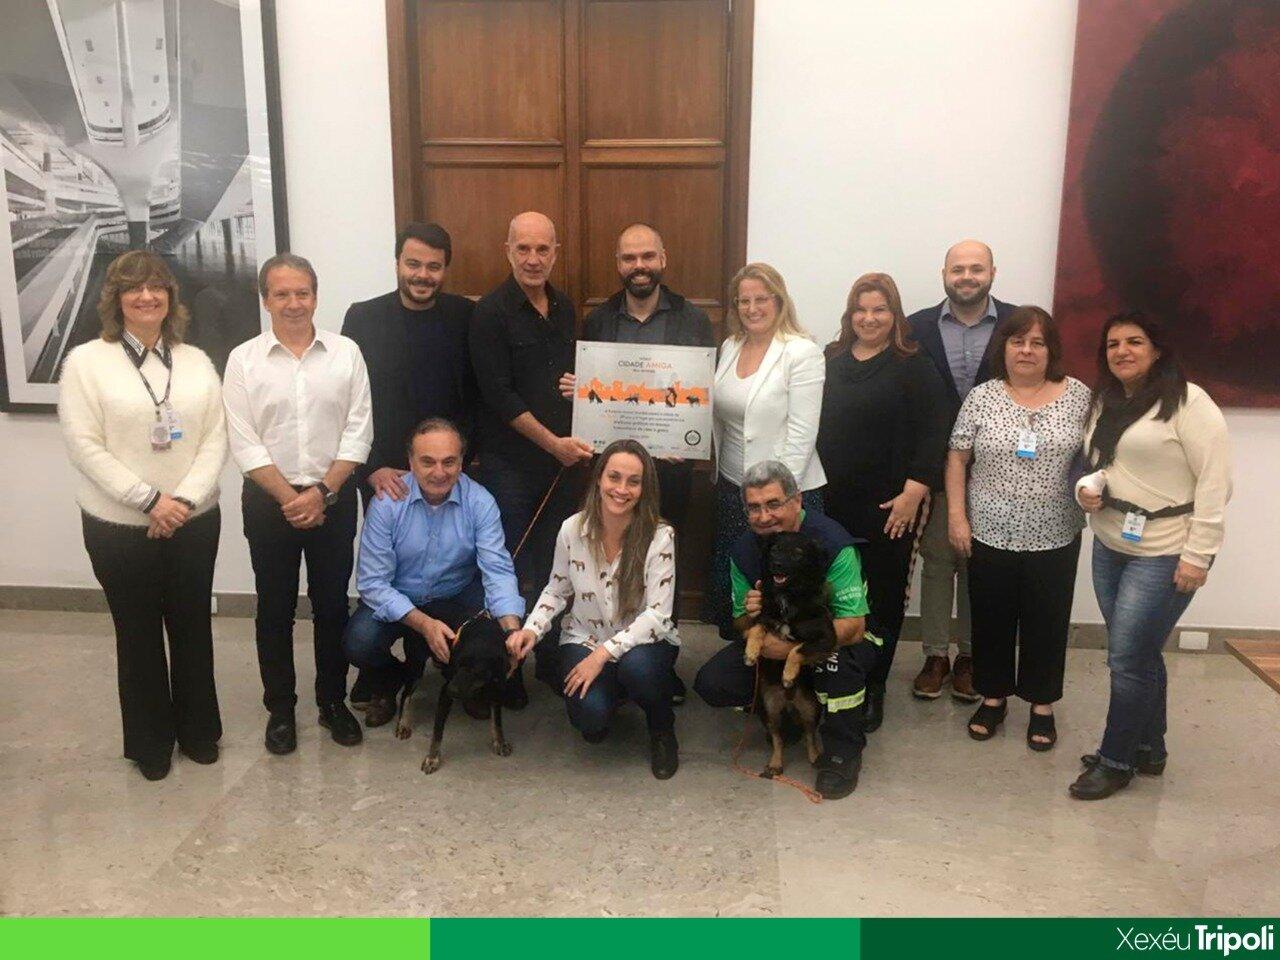 Vereador Xexéu Tripoli e Prefeito Bruno Covas recebem prêmio oferecido à São Paulo como Cidade Amiga dos Animais. Peter e Osny, os simpáticos cães da COSAP, participaram do evento lembrando a importância da adoação de animais.